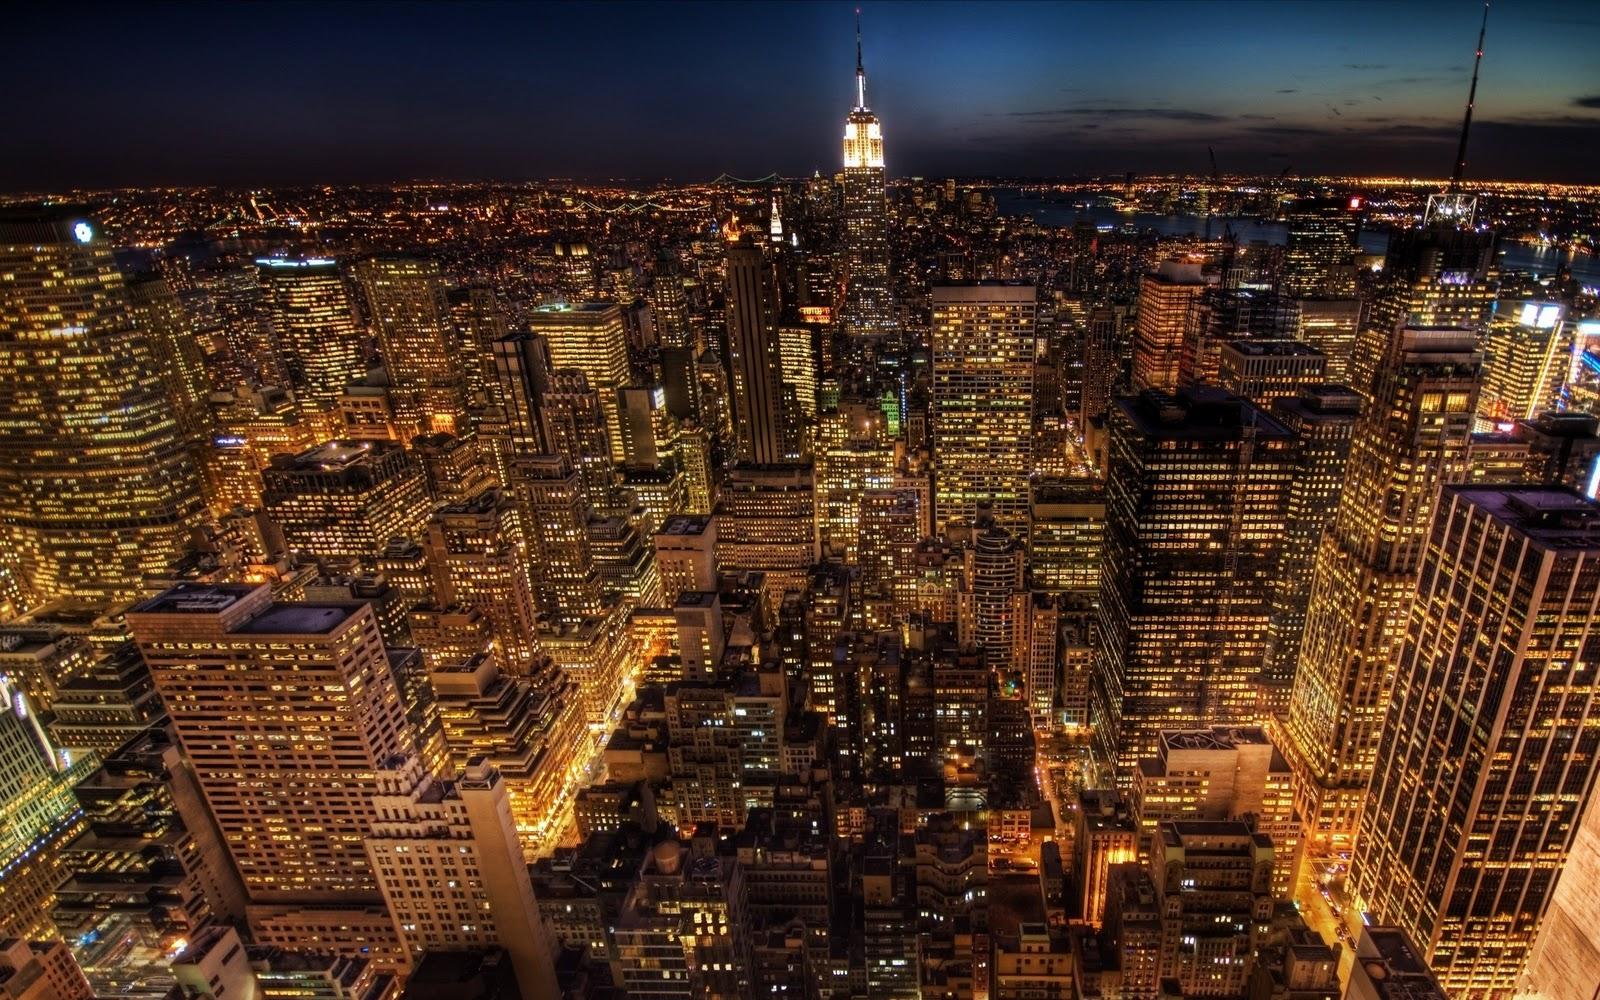 http://2.bp.blogspot.com/-X1bWgPlbasg/Txl7DInZ3QI/AAAAAAAAELo/gumEbExiJm4/s1600/new-york-city-4.jpg